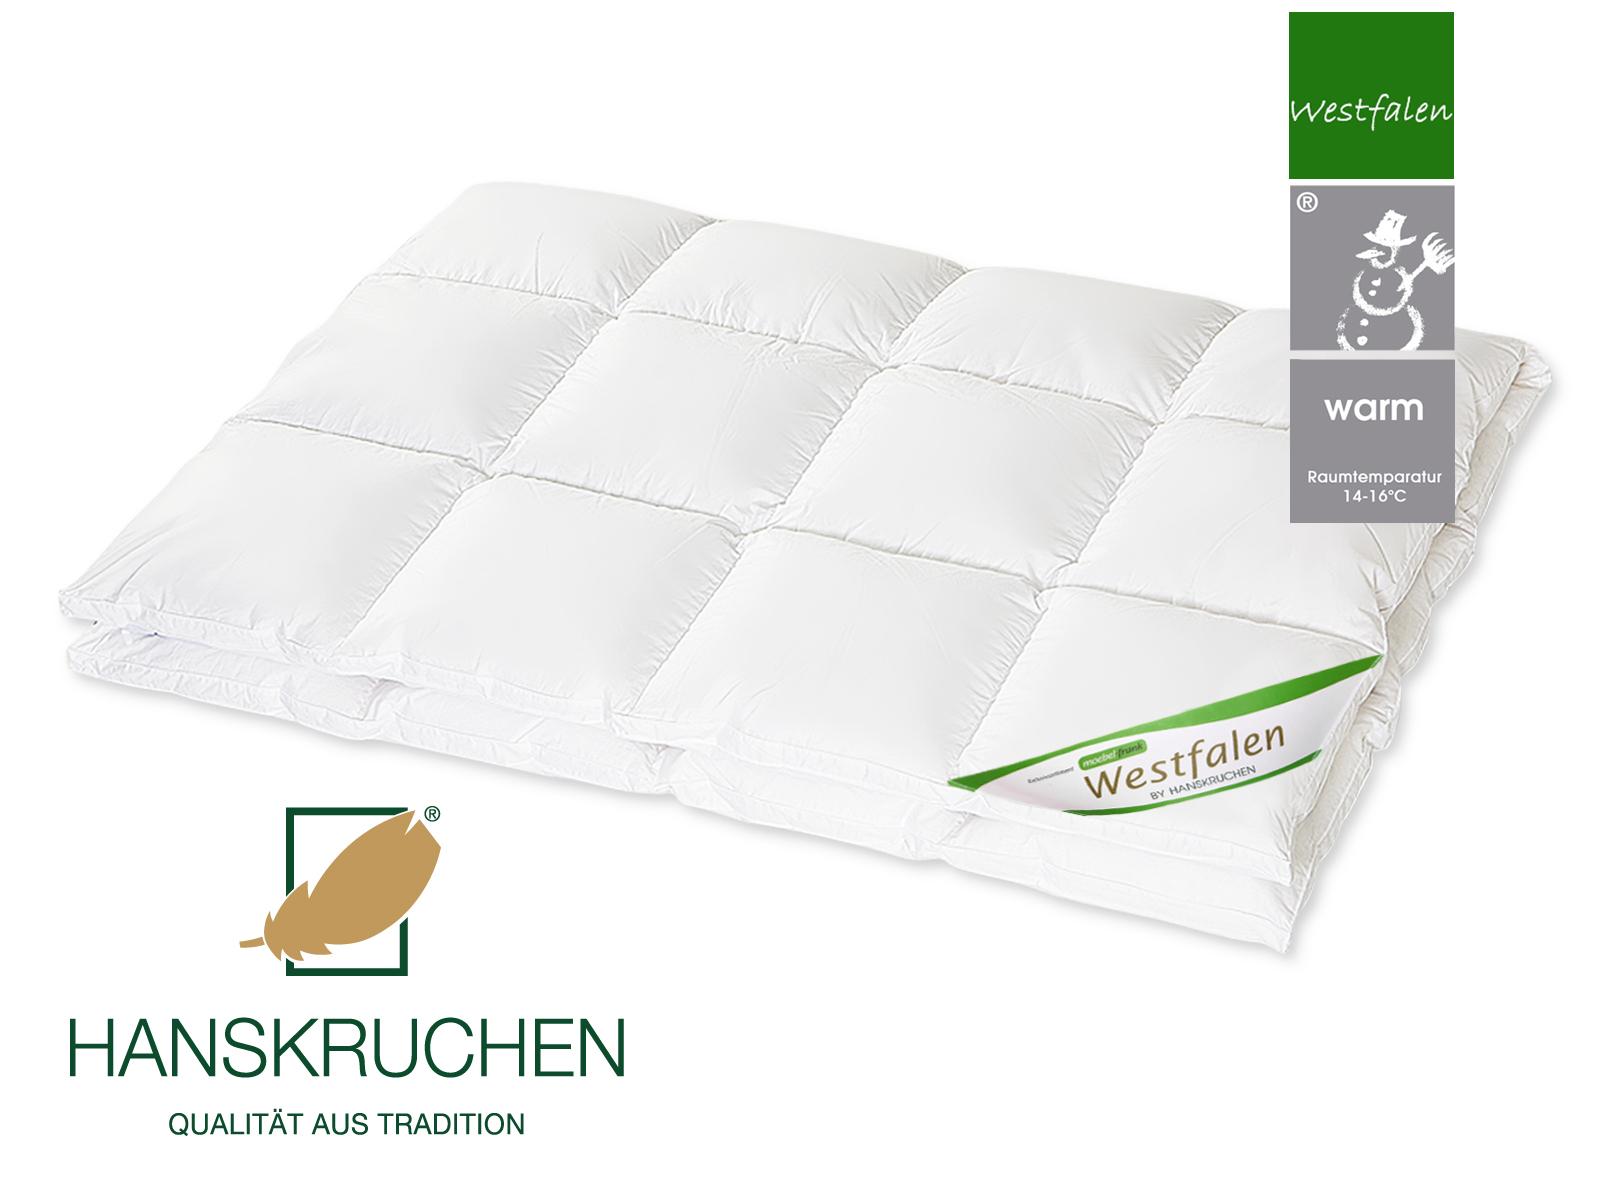 Daunenbettdecke 90% neue Landdaunen Westfalen Baumwolle Grüne Gans HANSKRUCHEN – Bild 5